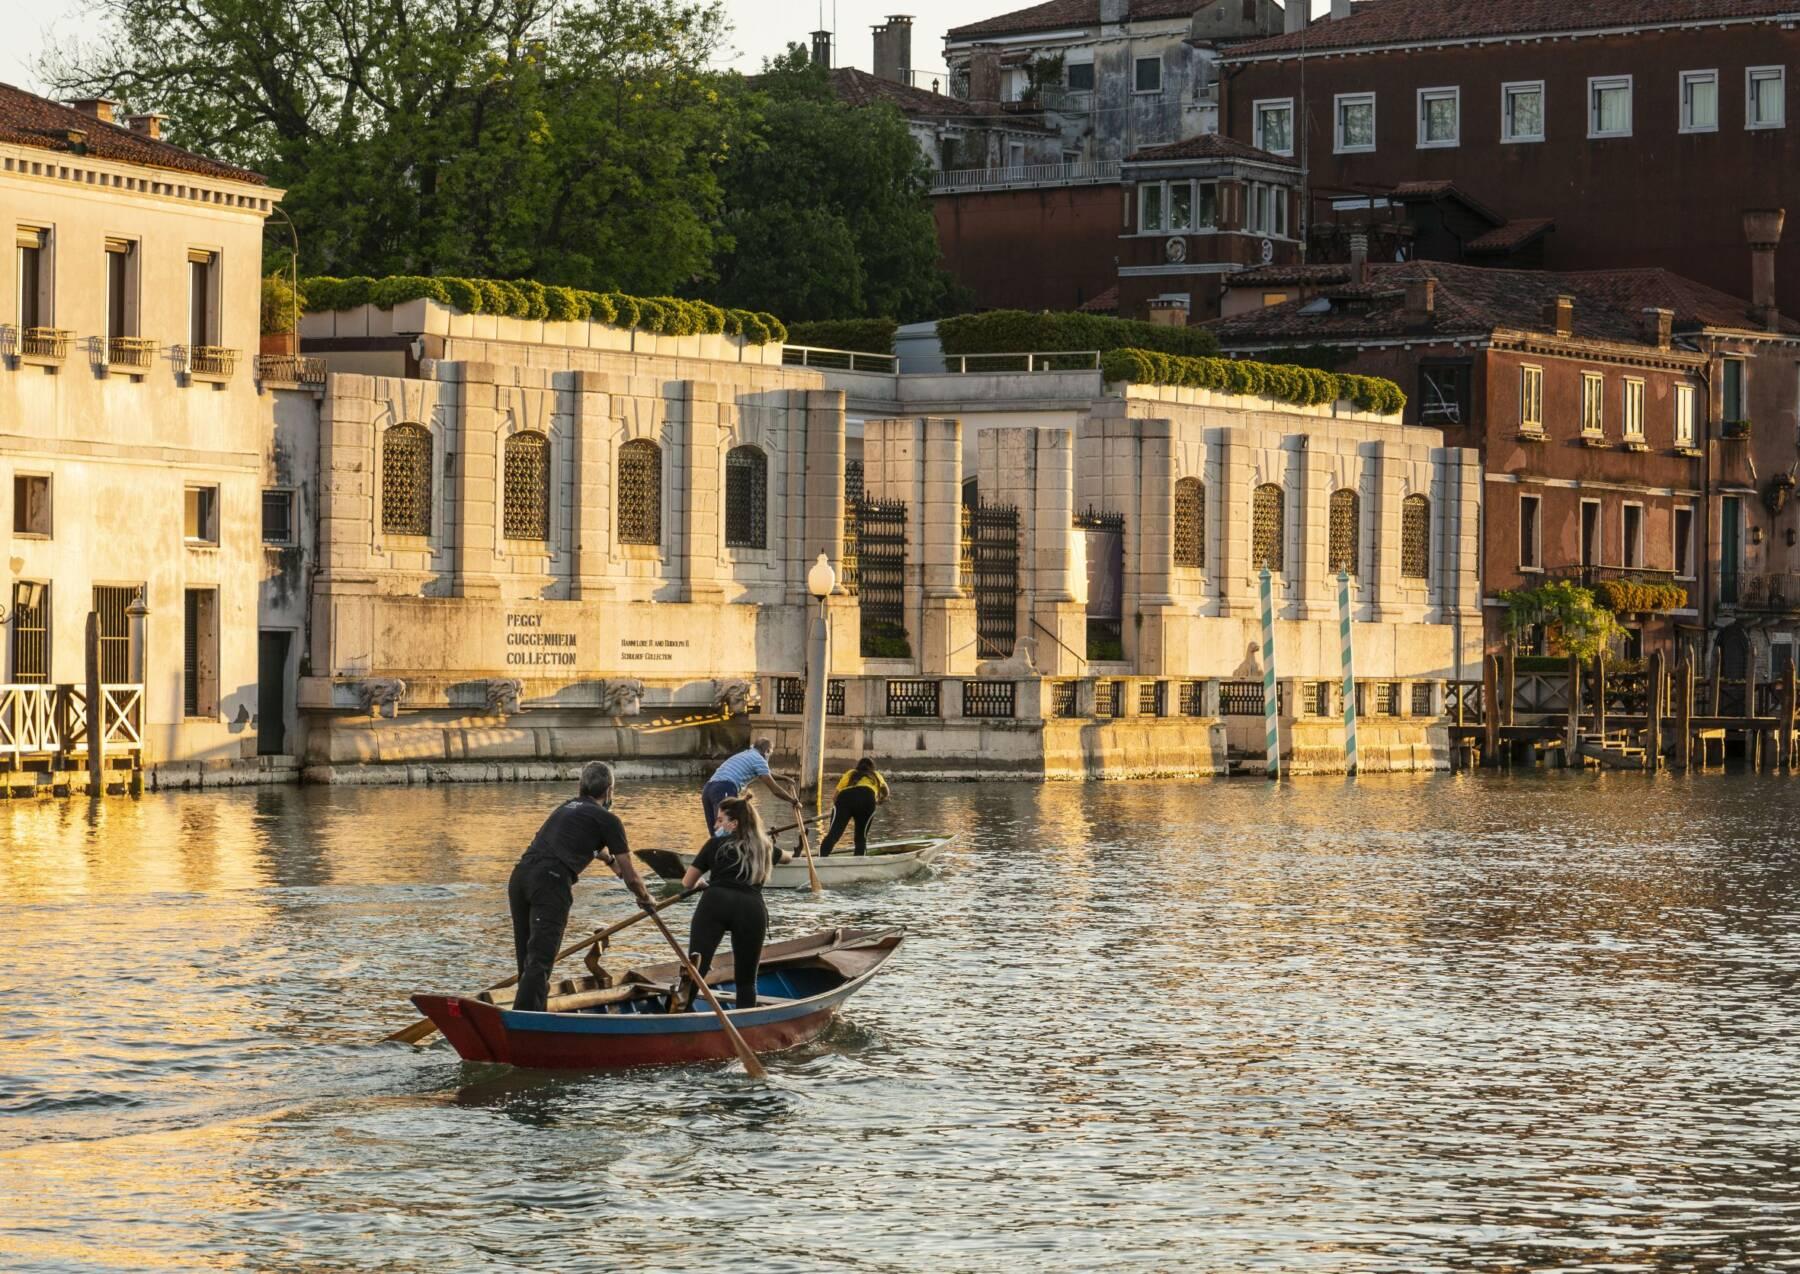 Peggy Guggenheim Collection dal Canal Grande a Venezia Photo di Matteo DeFina